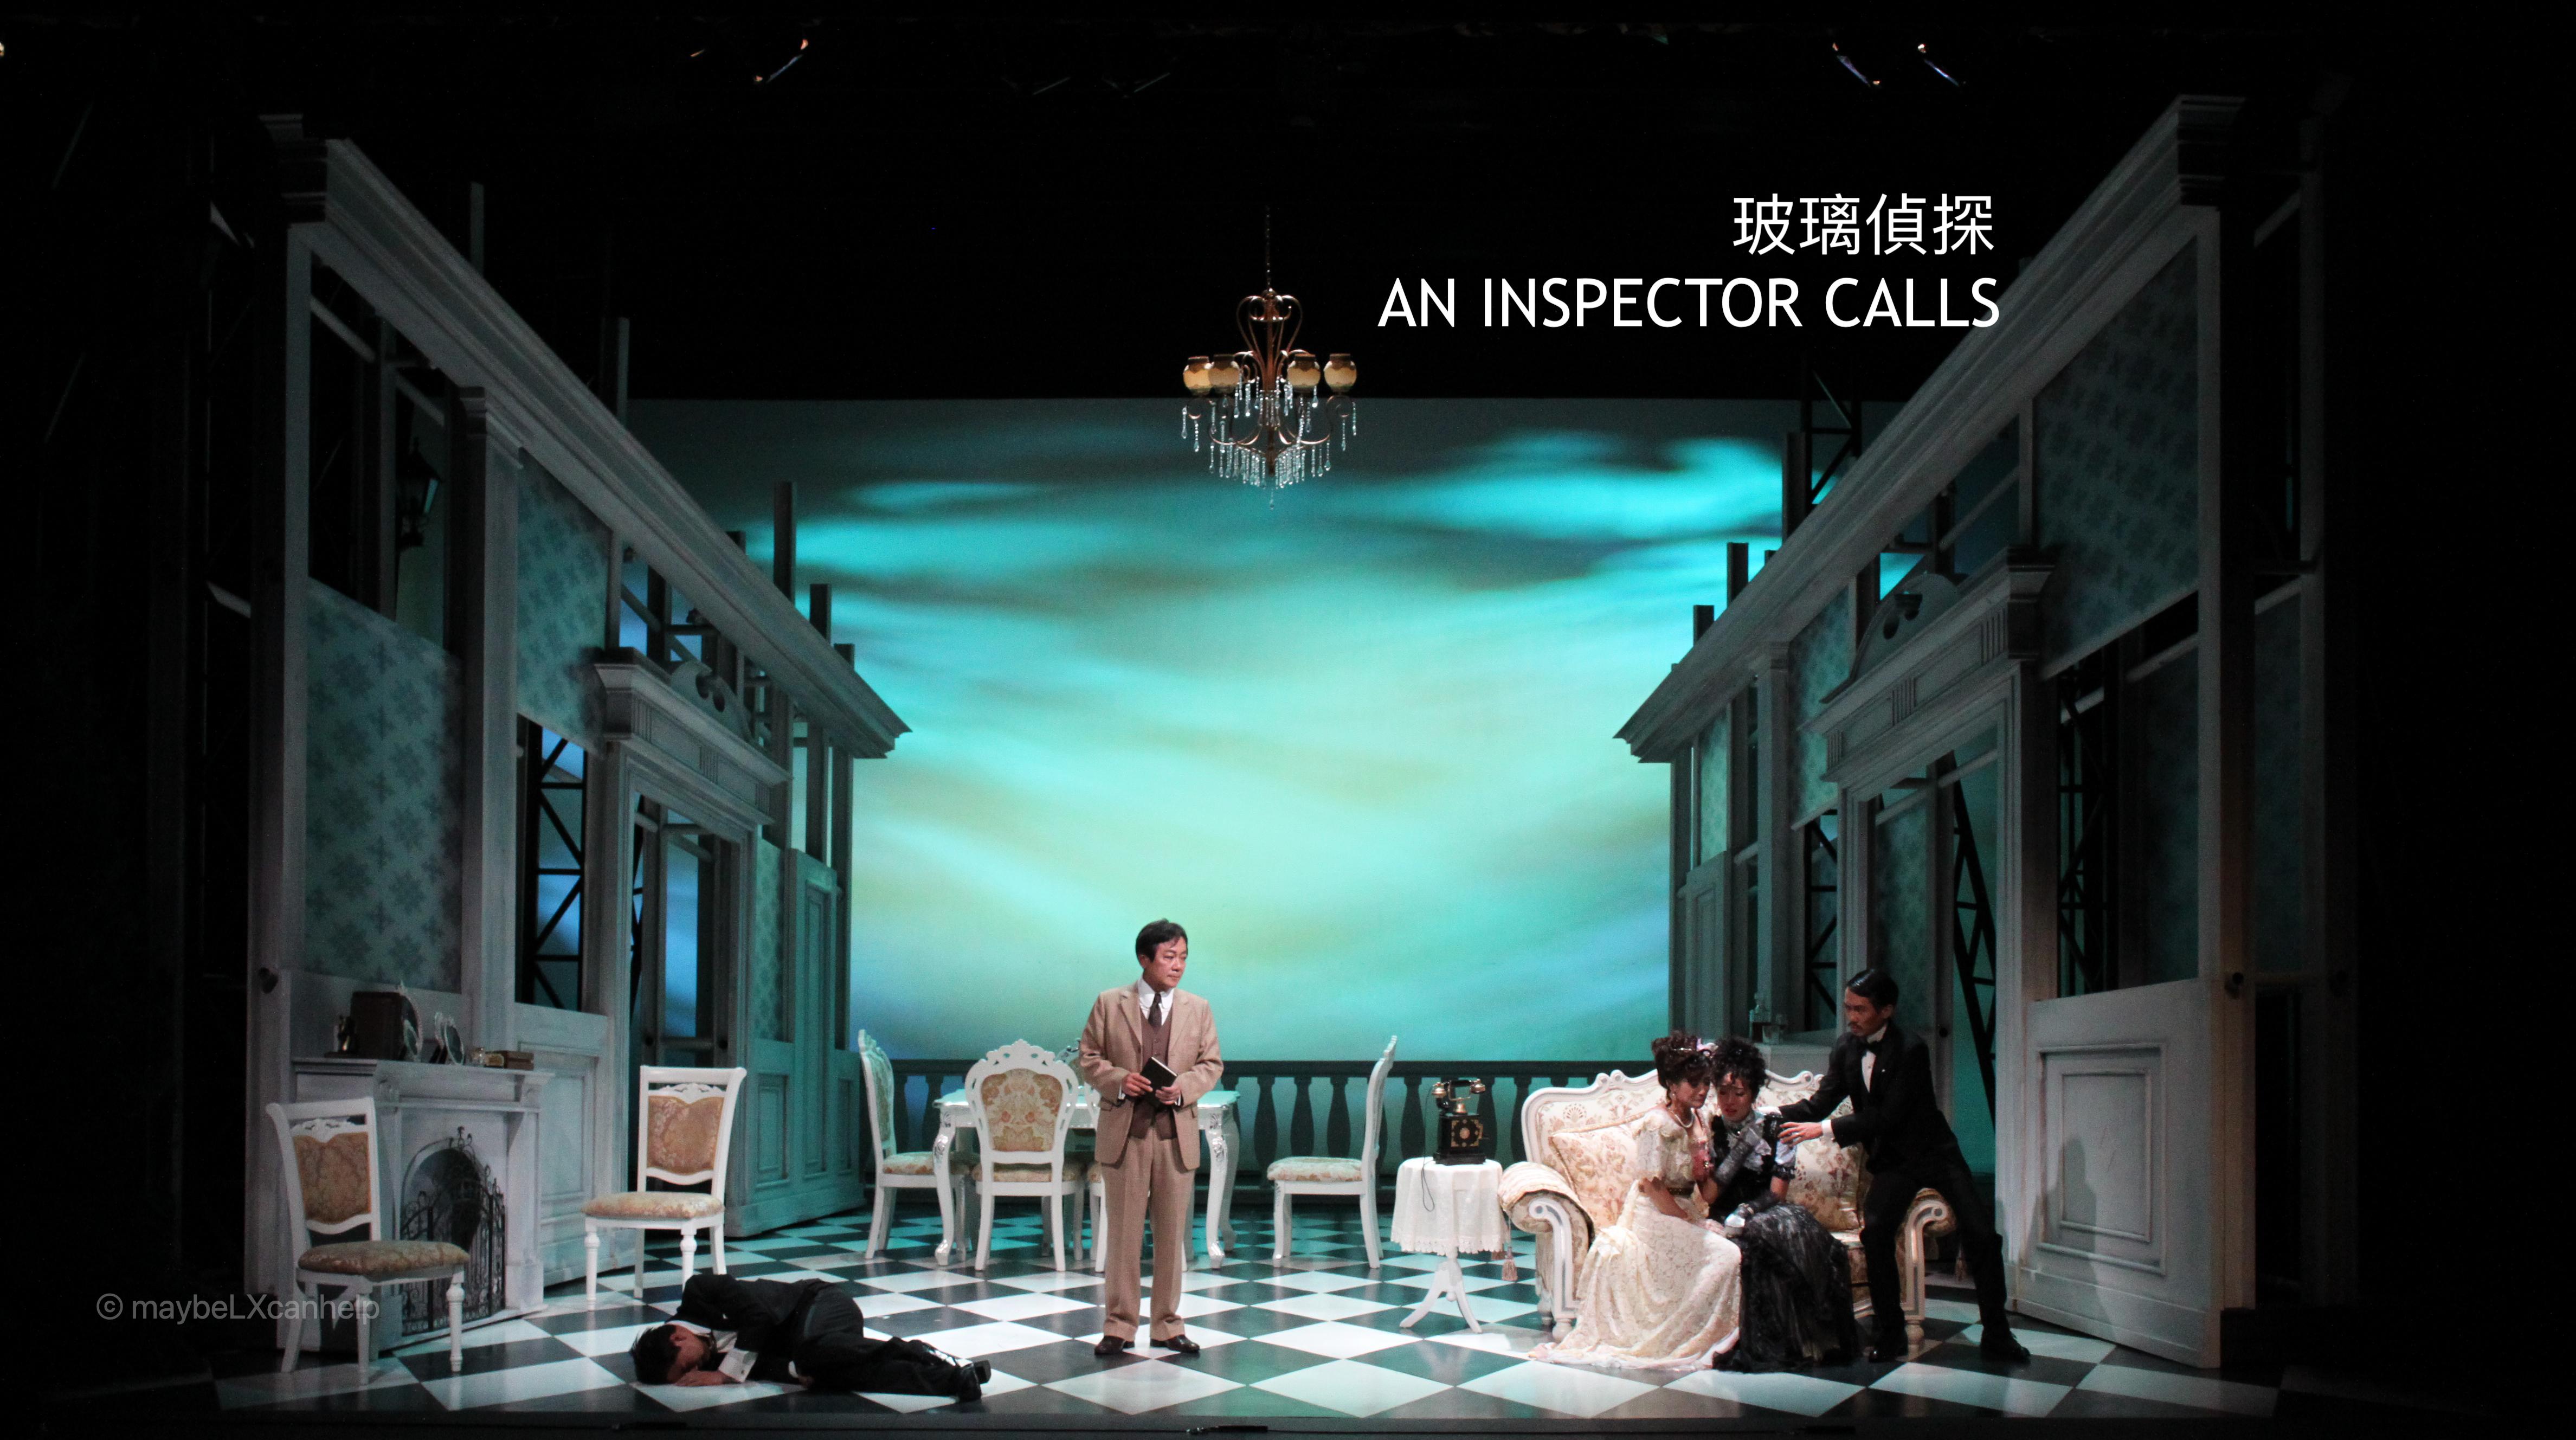 An_Inspector_Calls_TITLE